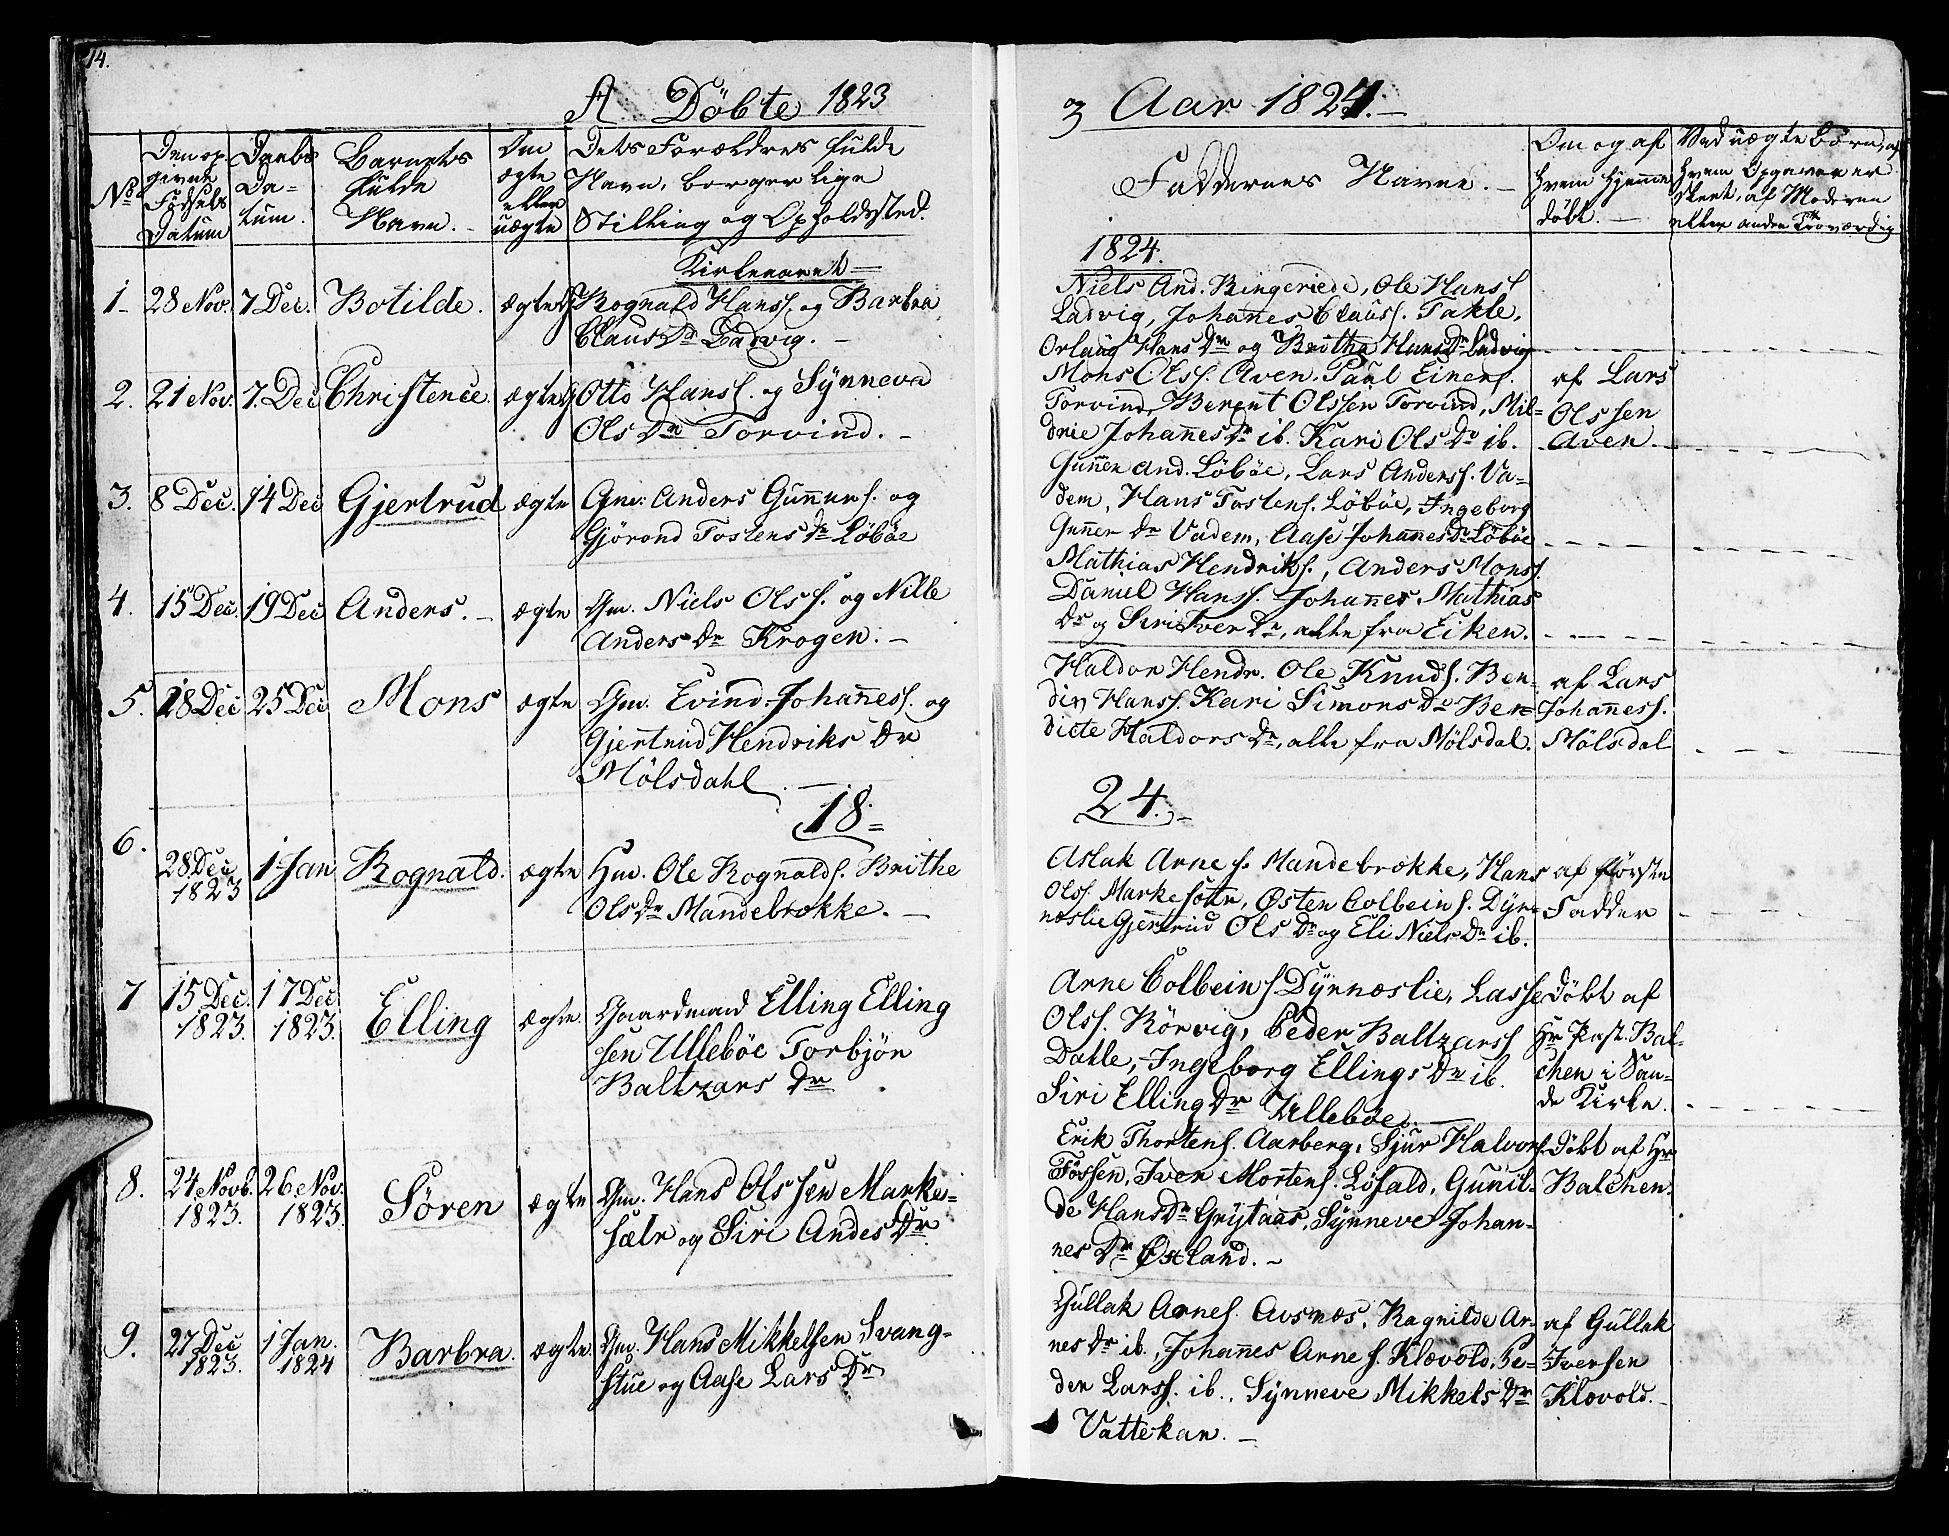 SAB, Lavik sokneprestembete, Ministerialbok nr. A 2I, 1821-1842, s. 14